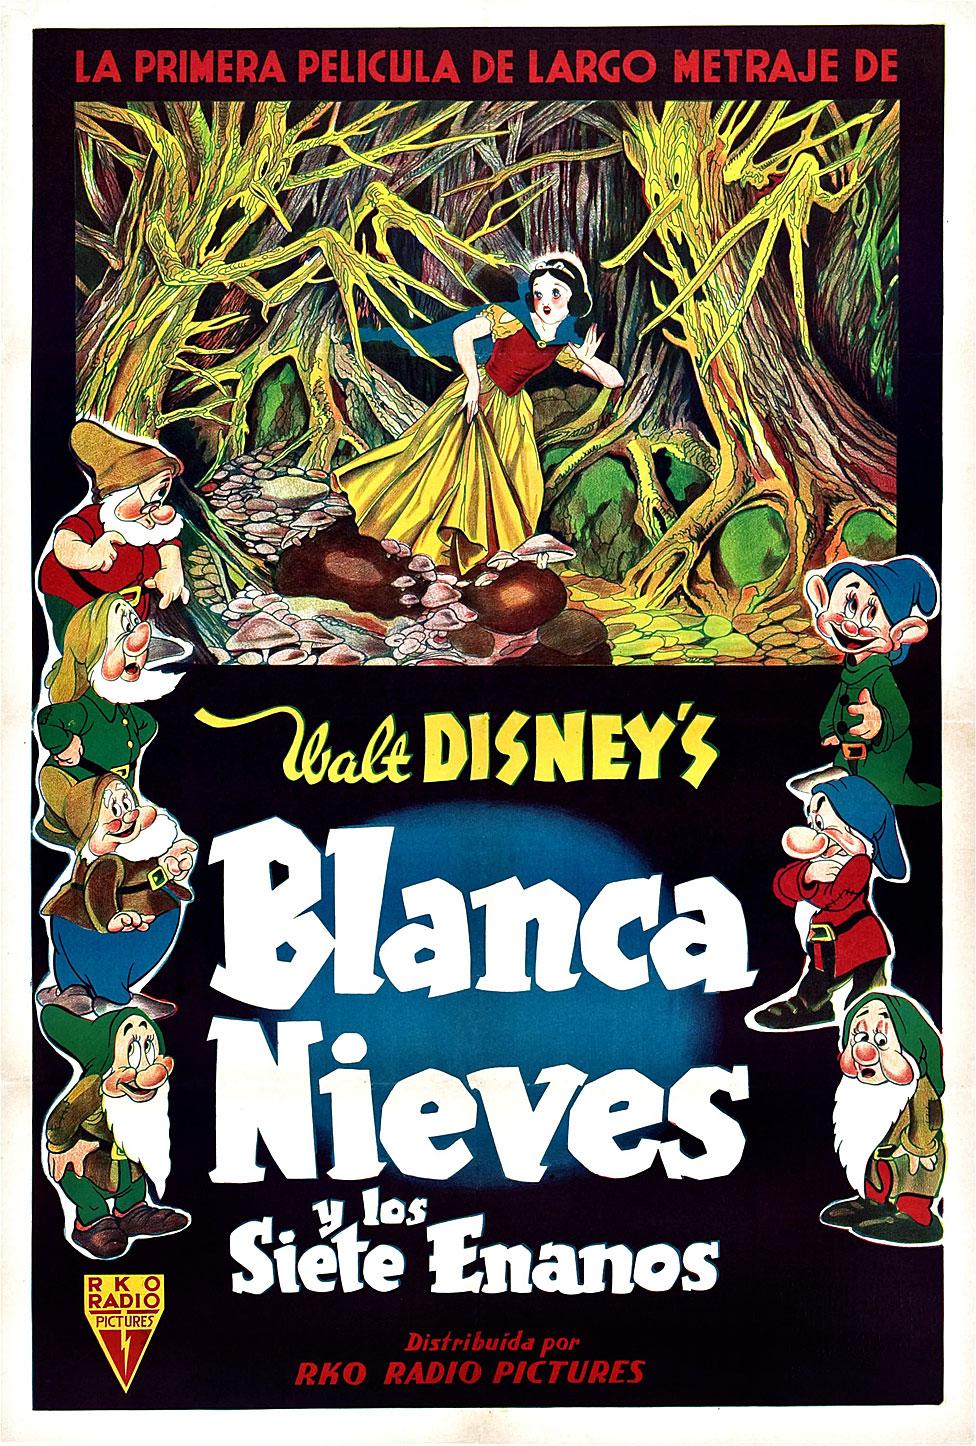 Afiche de Blancanieves en español